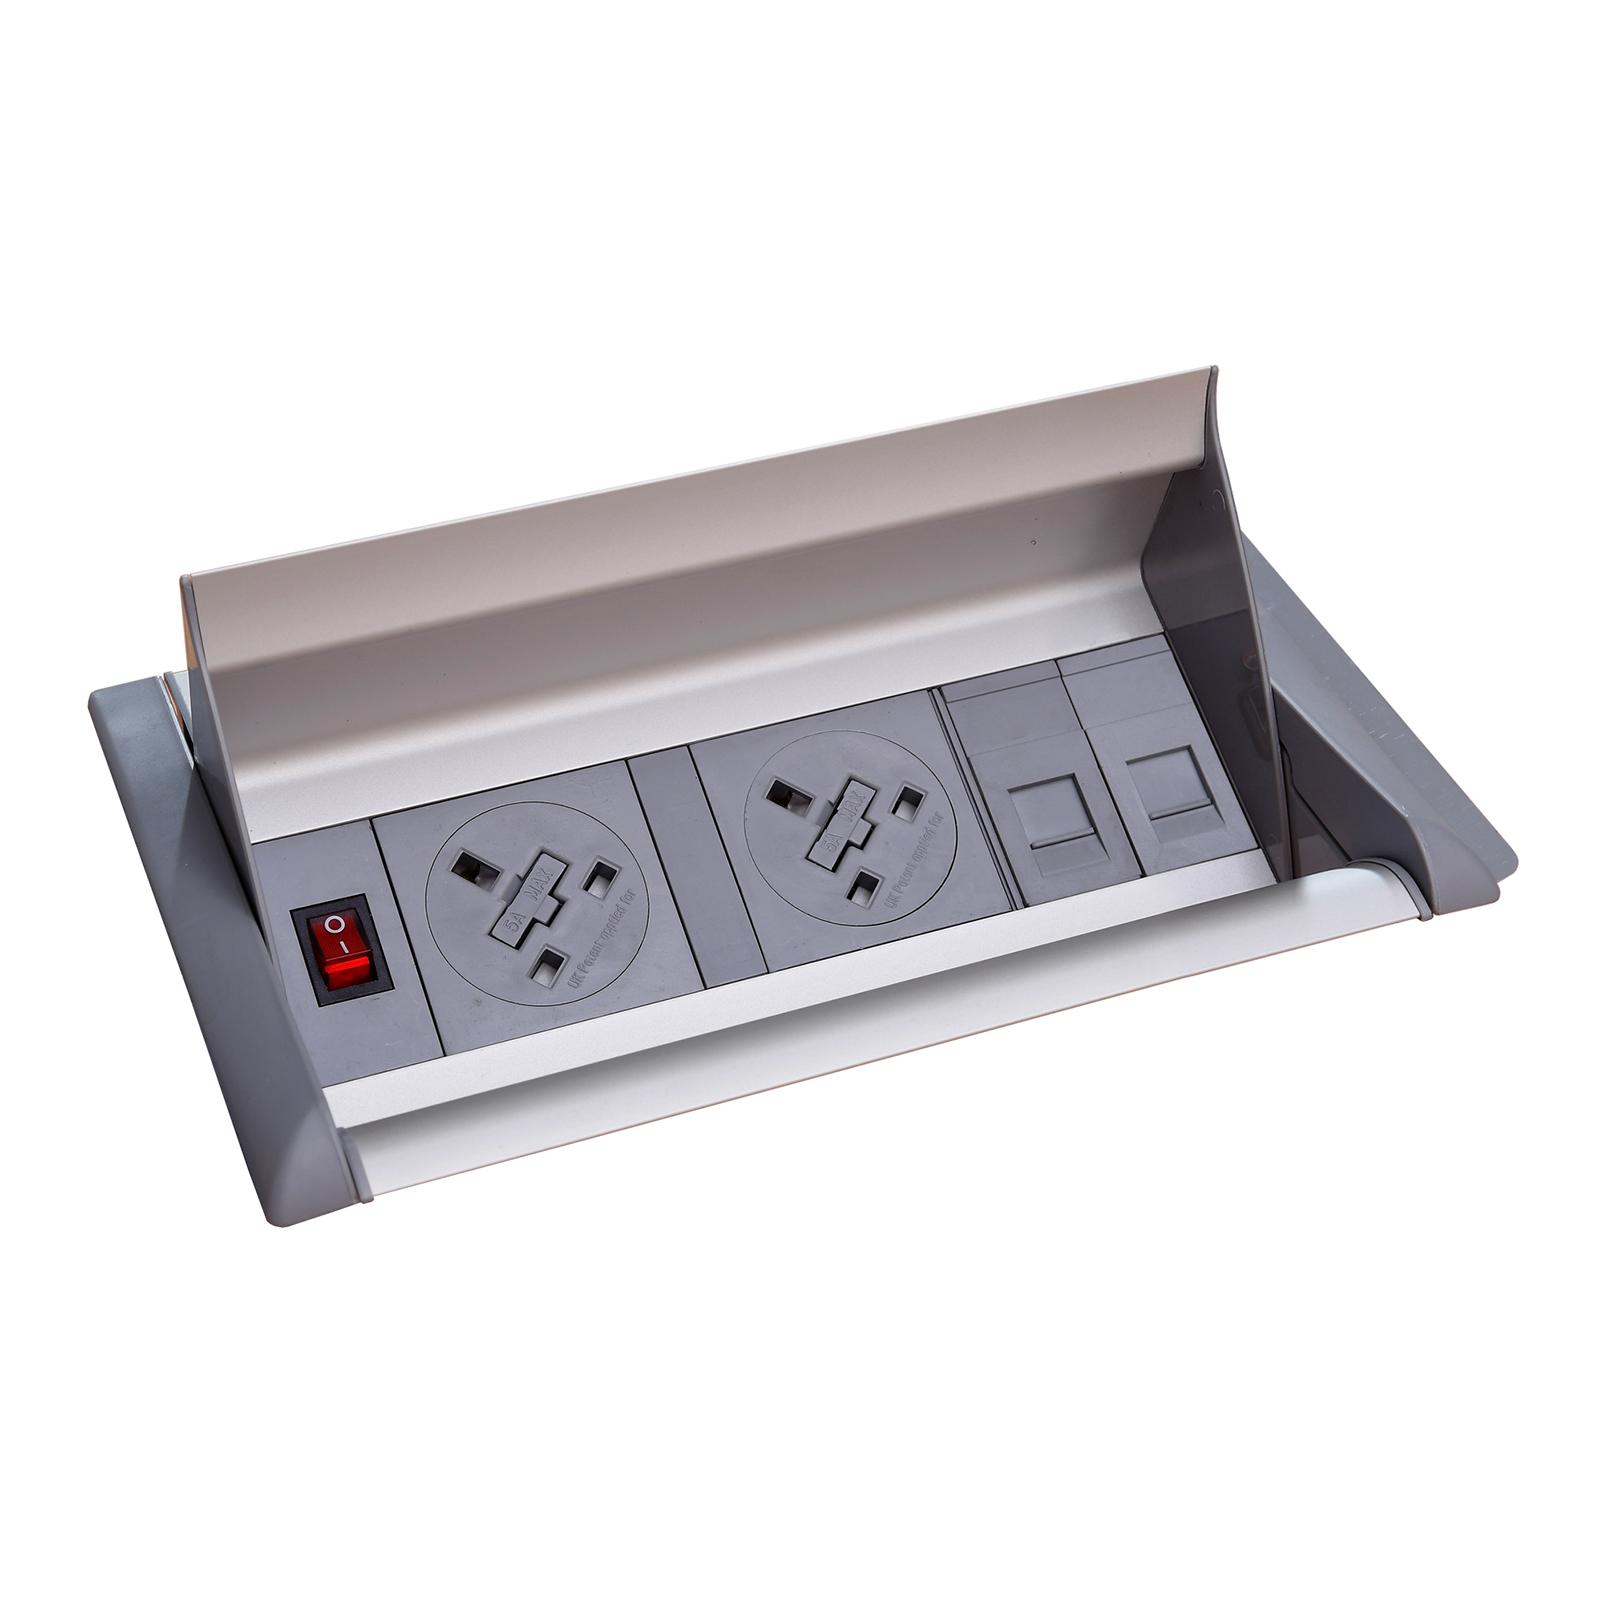 Plug Socket Aero fliptop in-table power module 2 x UK sockets , 2 x RJ45 sockets - grey/silver